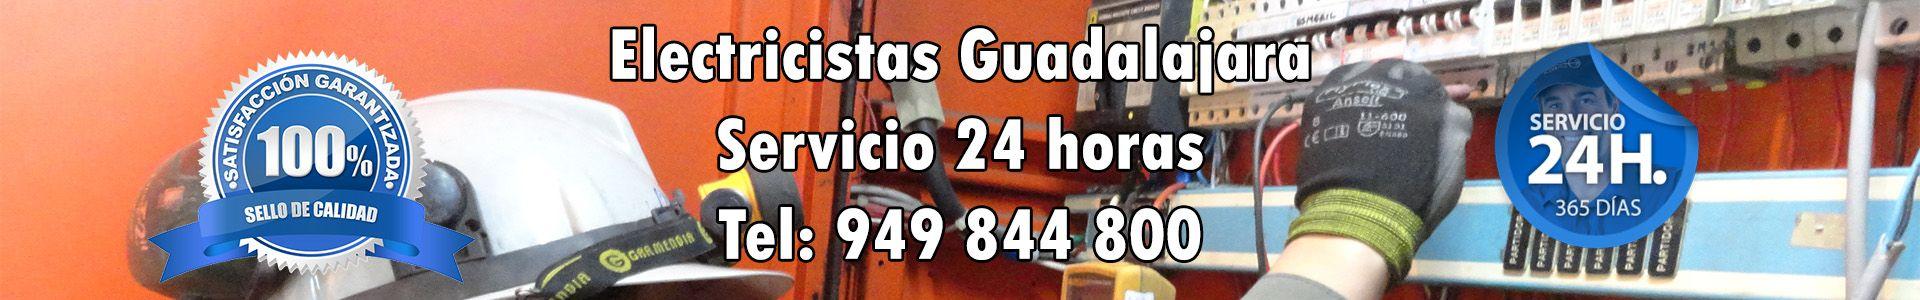 Electricistas Guadalajara